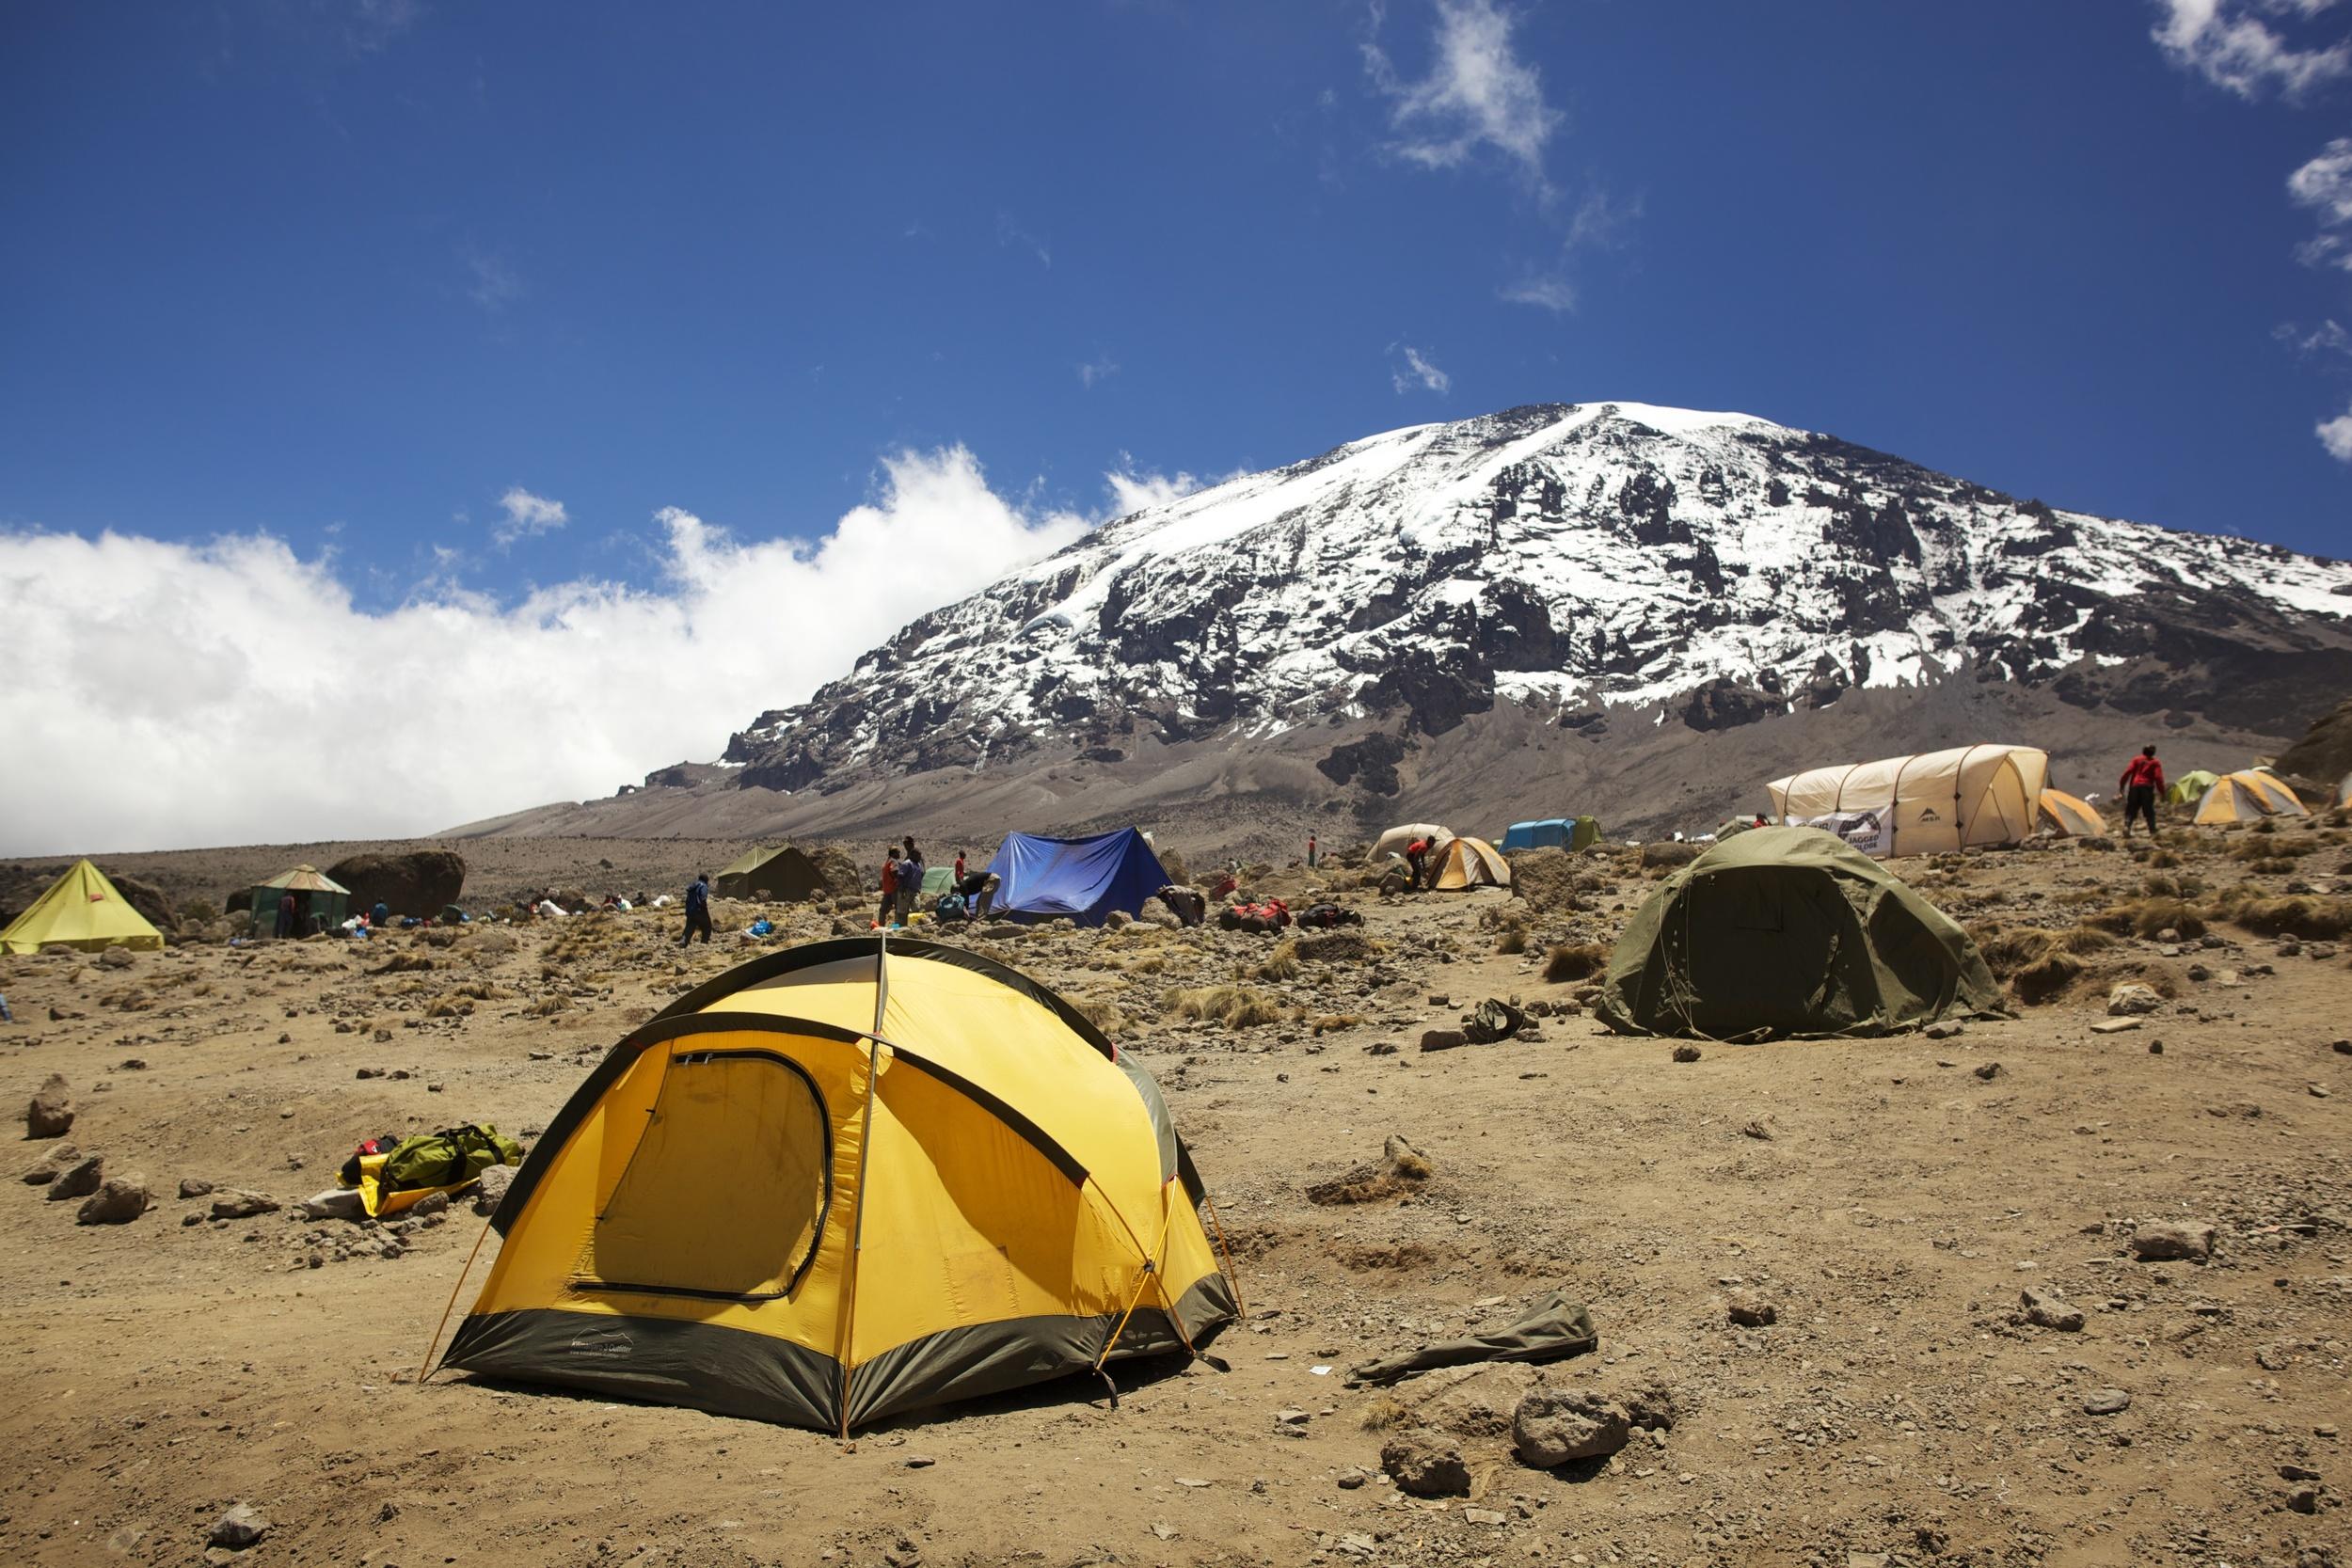 Karanga Camp, Mt. Kilimanjaro (TZ)